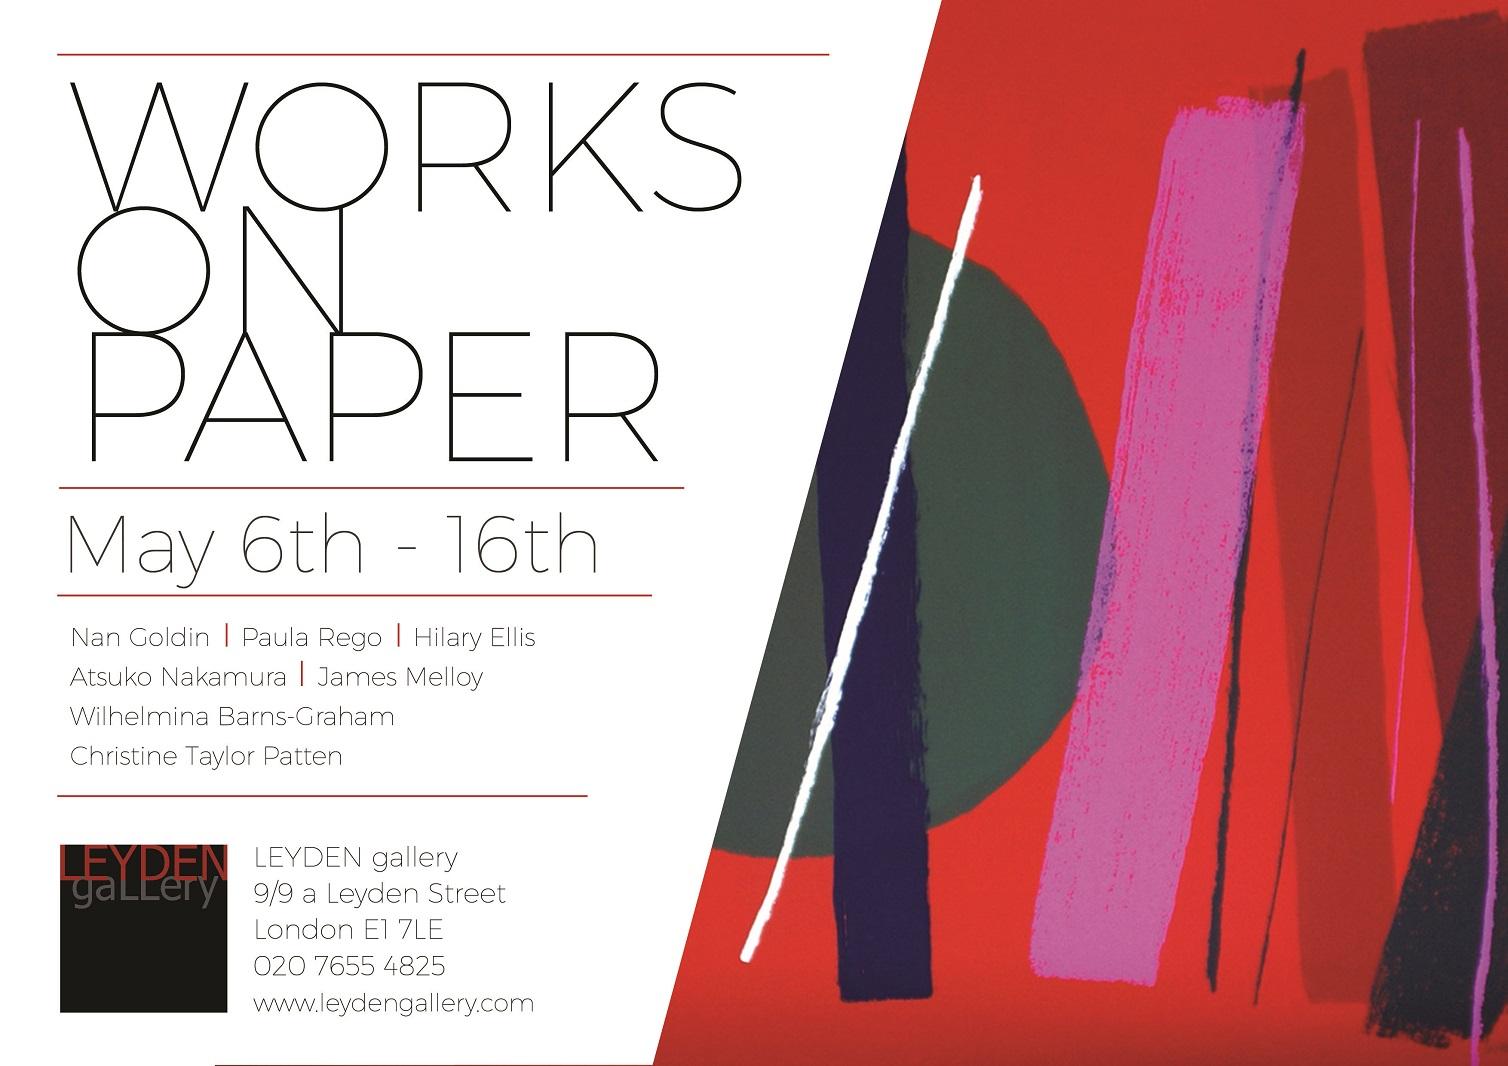 Woks on Paper